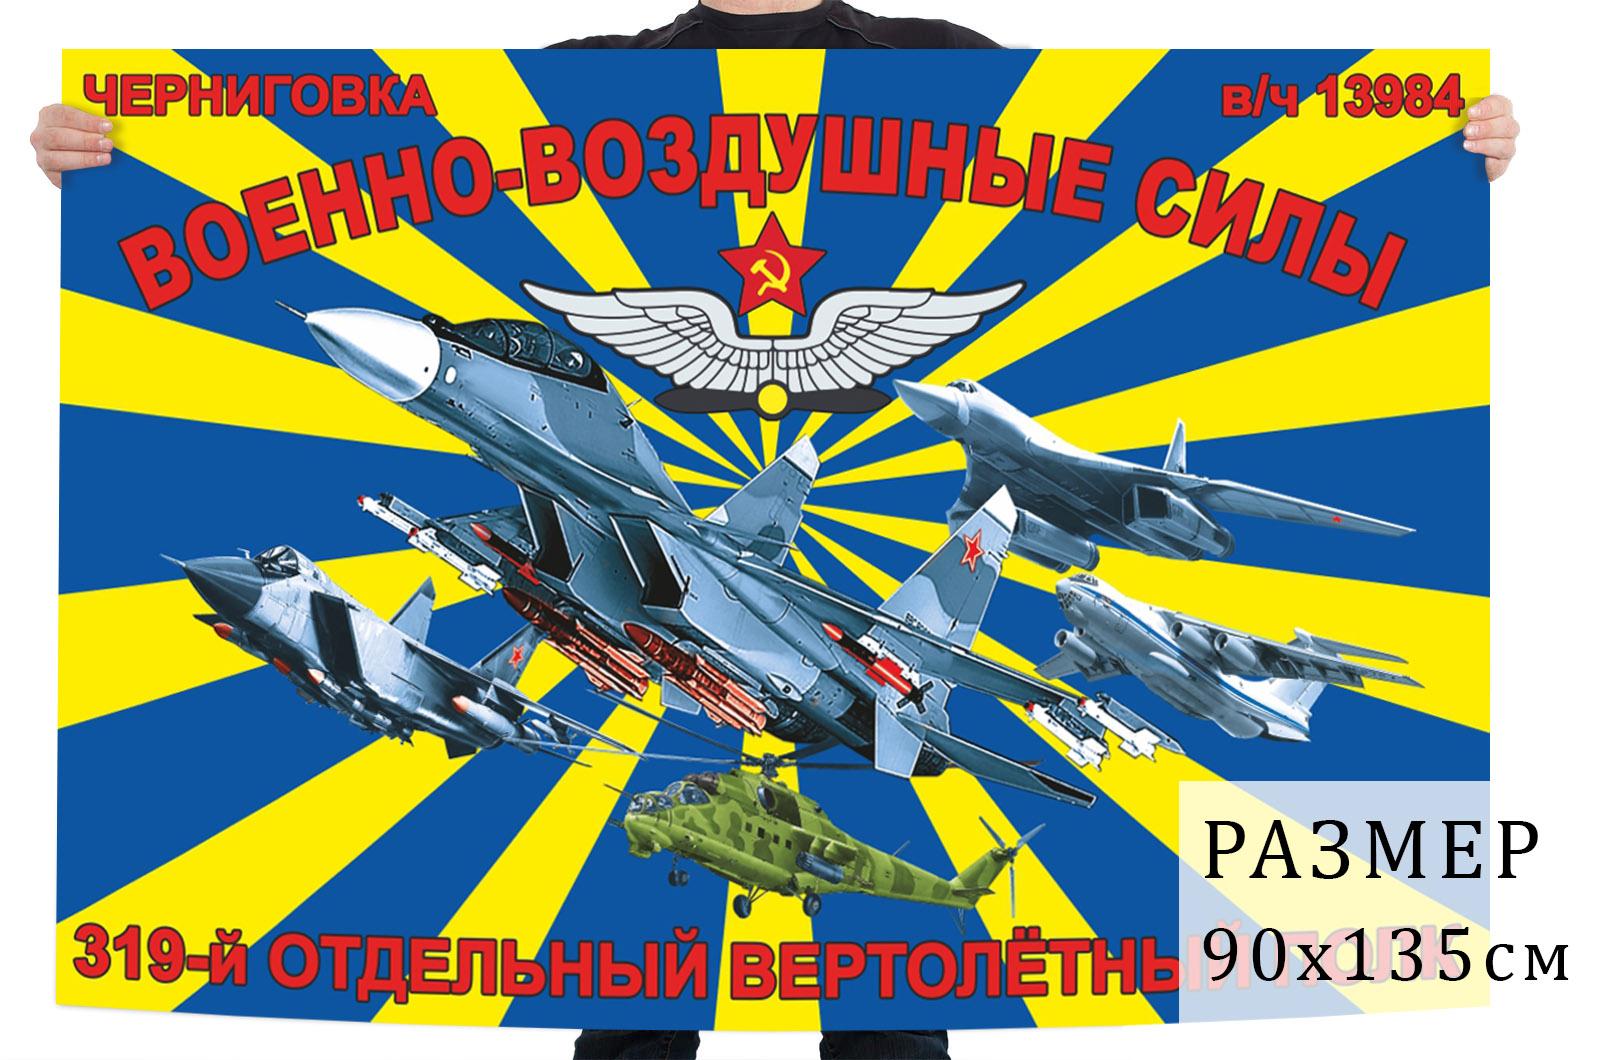 Флаг 319 Отдельного вертолетного полка